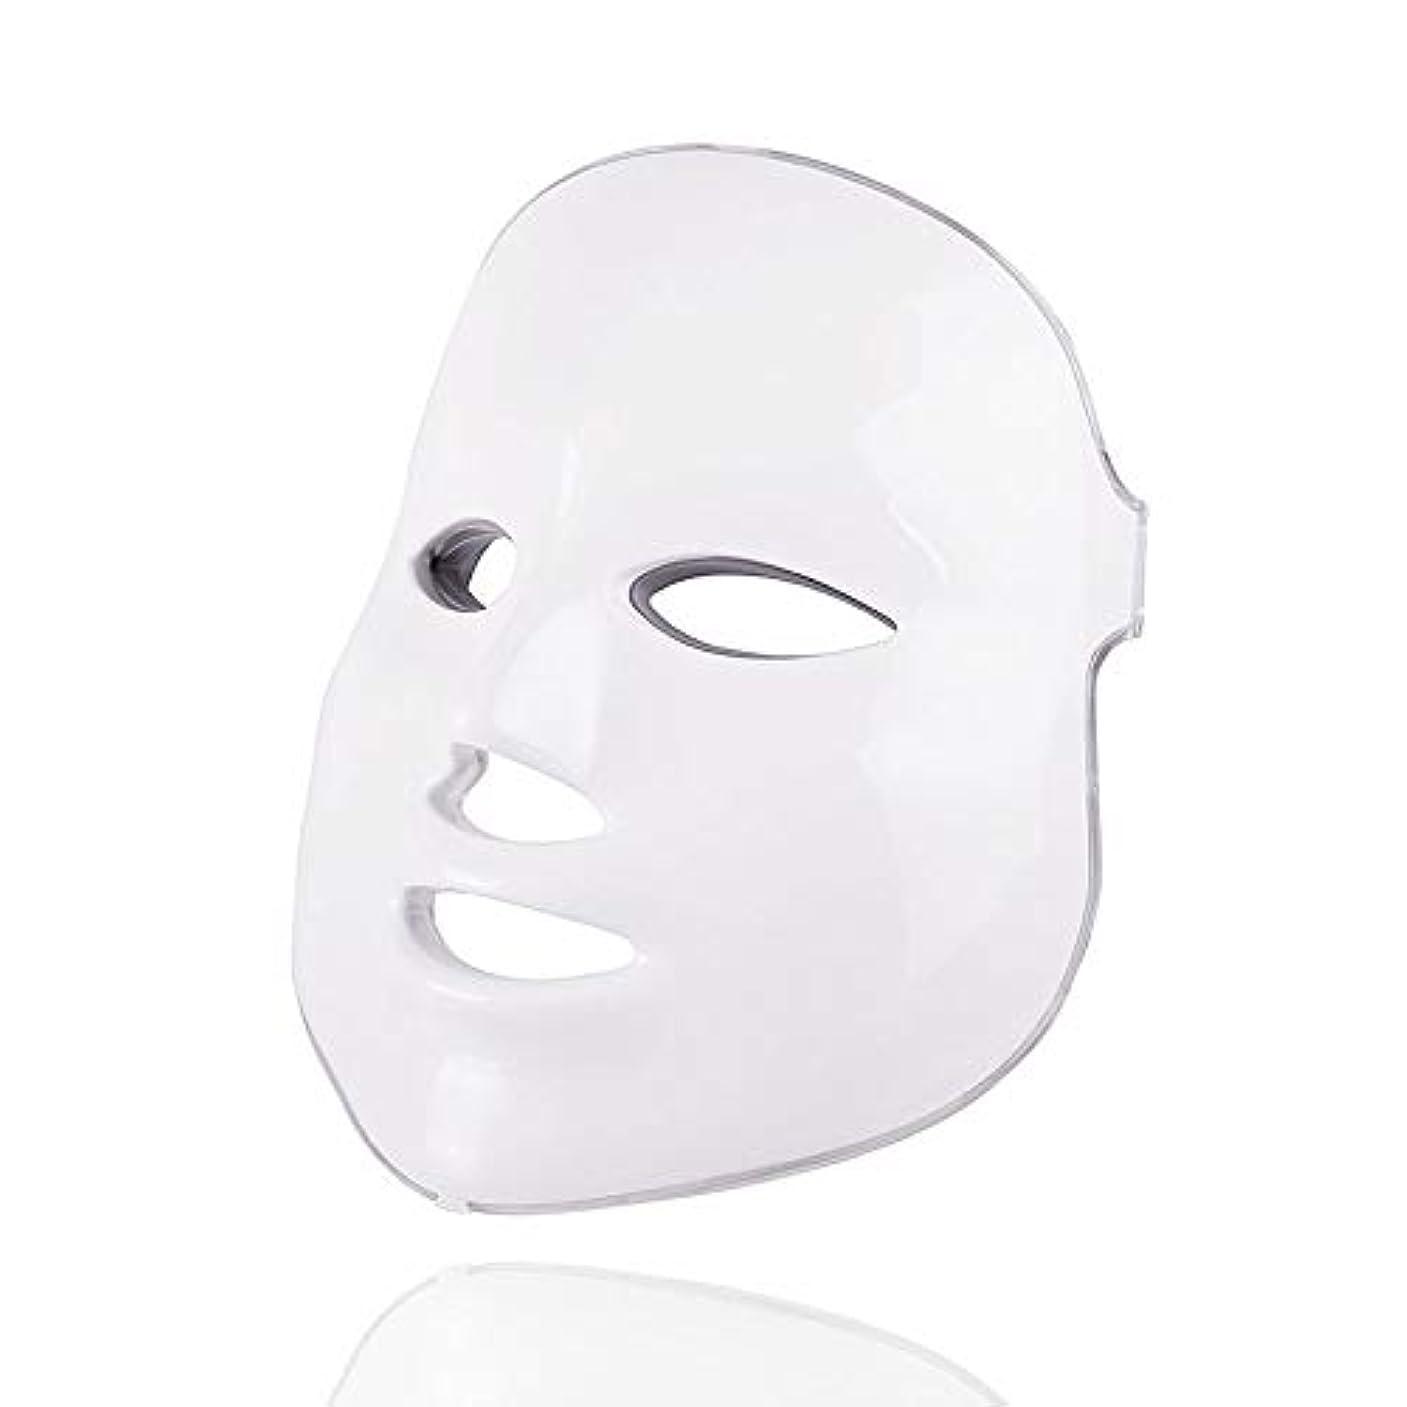 パワーセル小切手反論7色美容療法光子、ledフェイシャルマスクライトスキンケア若返りしわにきび除去顔美容スパ楽器